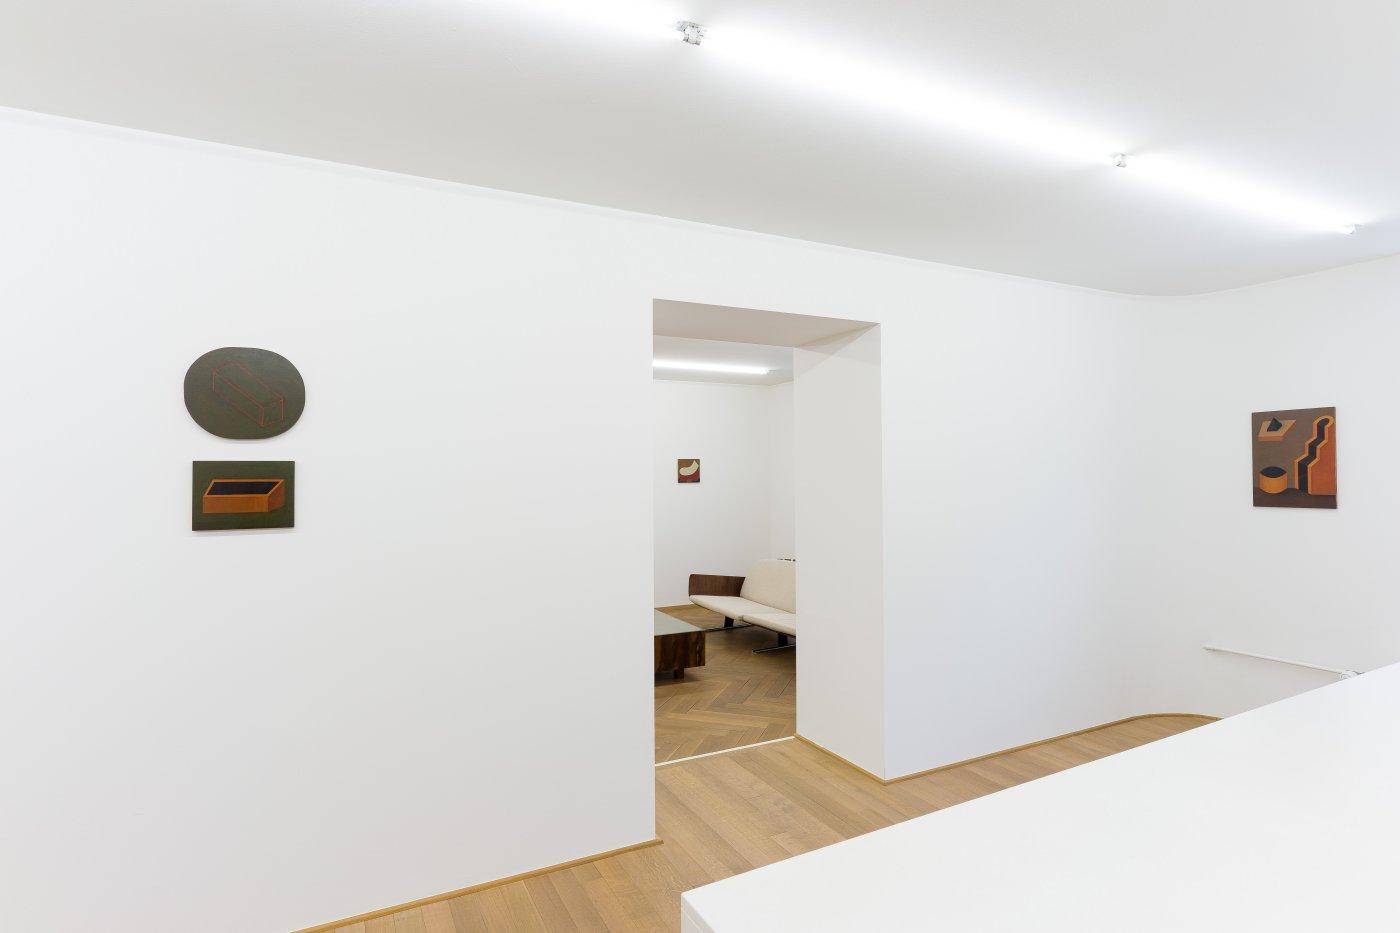 Mai 36 Galerie Laura Carralero 6